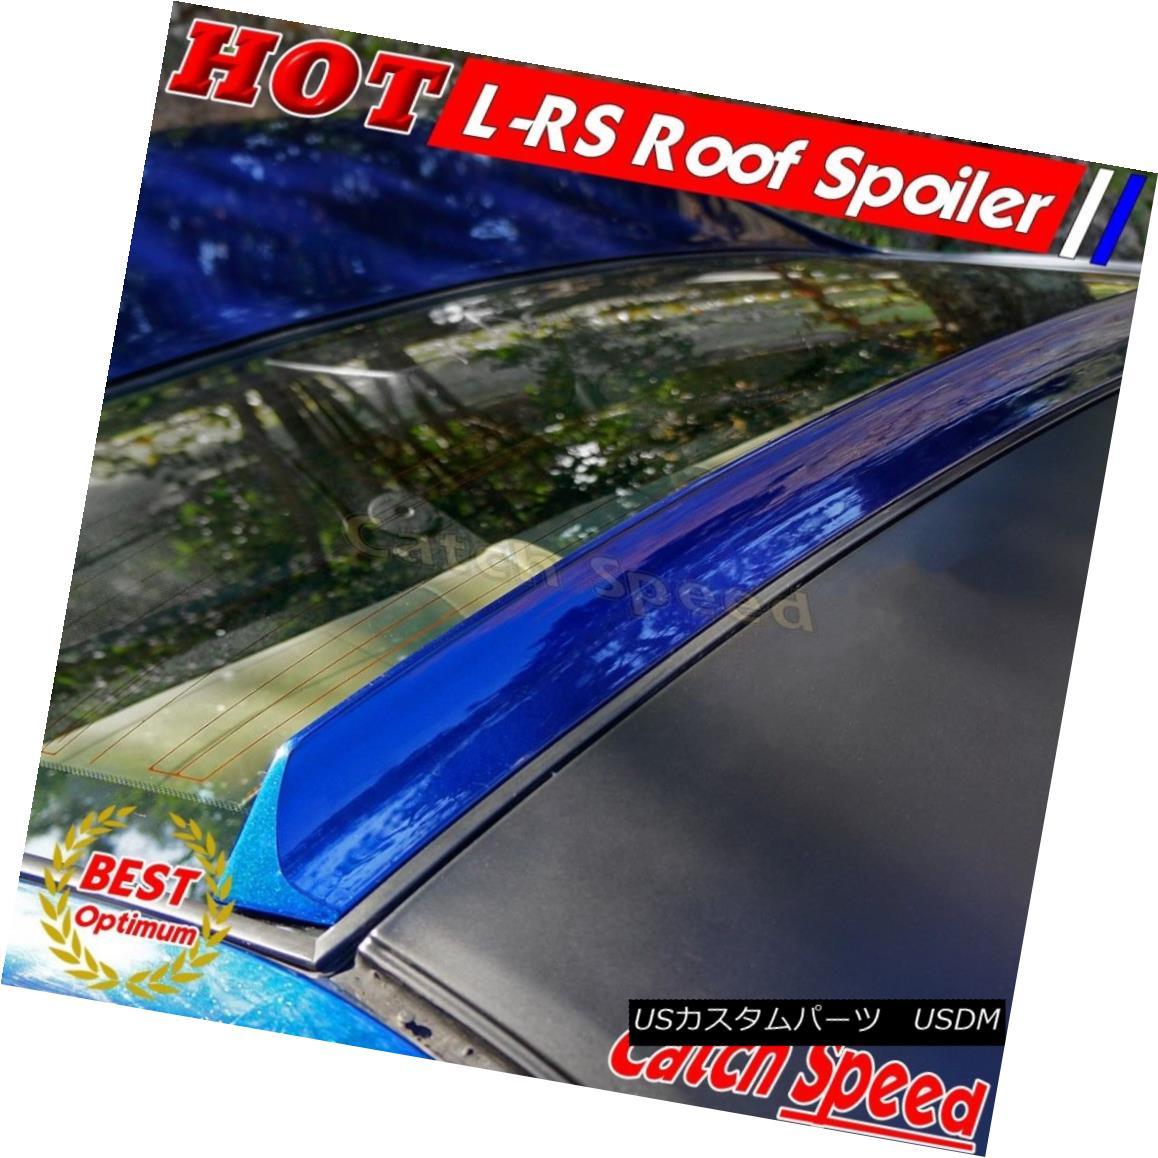 エアロパーツ Painted LRS Rear Window Roof Visor Spoiler For 4-series BMW F32 Coupe 435i 428i 4シリーズBMW F32クーペ435i 428i用の塗装済みLRSリアウィンドウルーフバイザースポイラー